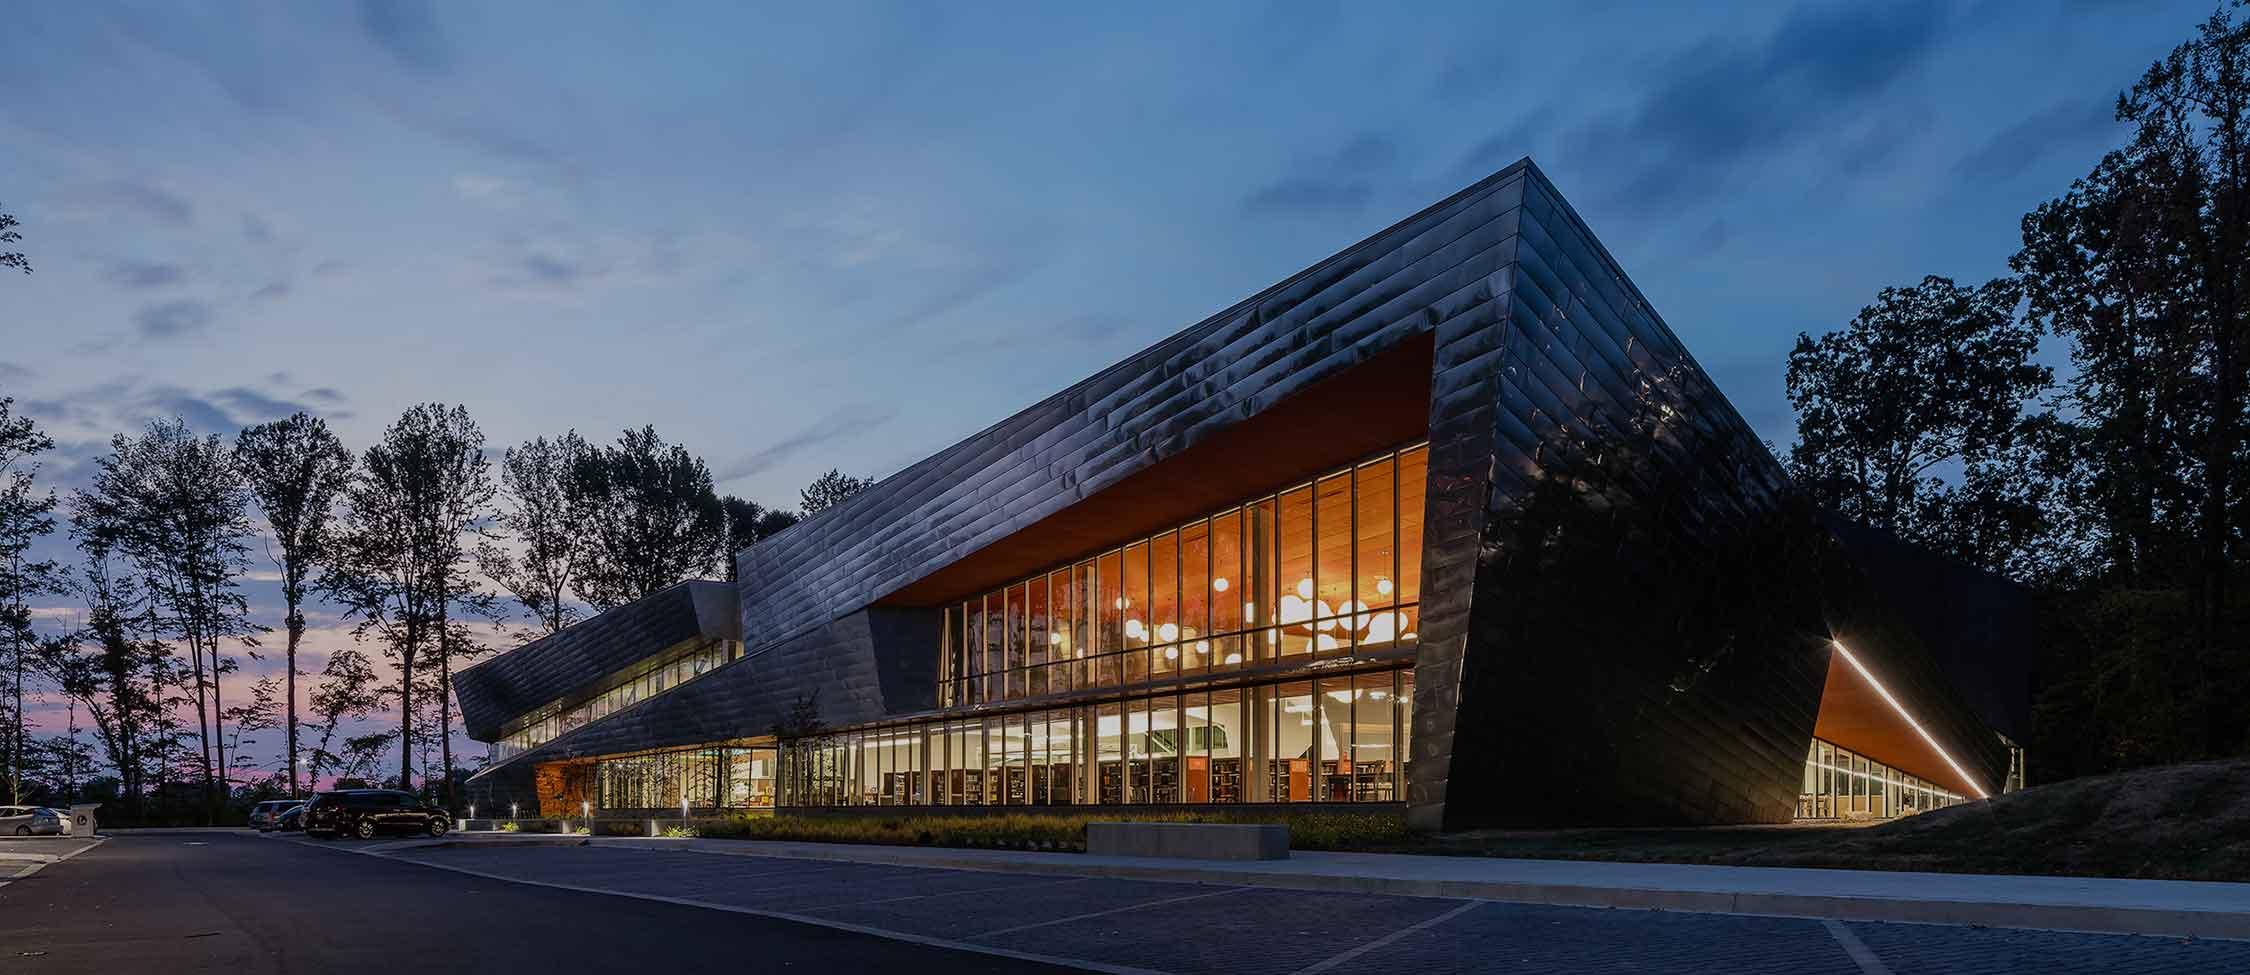 Southwest Regional Library Louisville